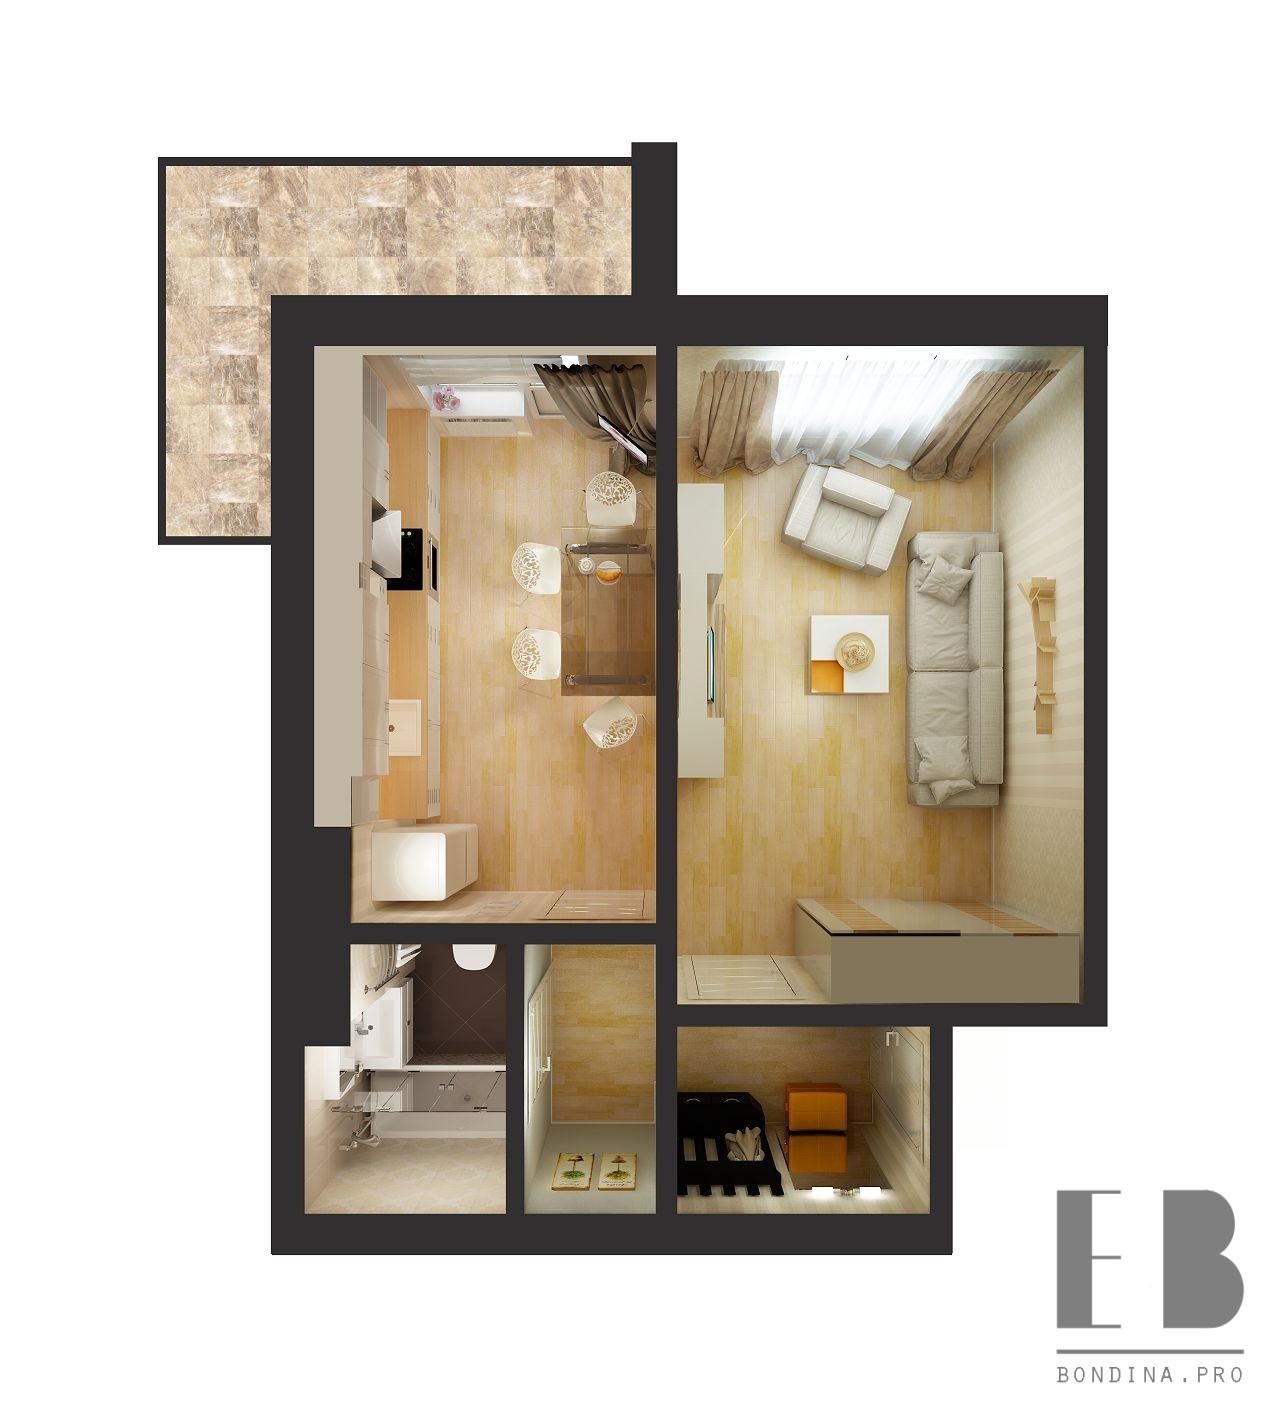 Проект однокомнатной квартиры с отдельной кухней